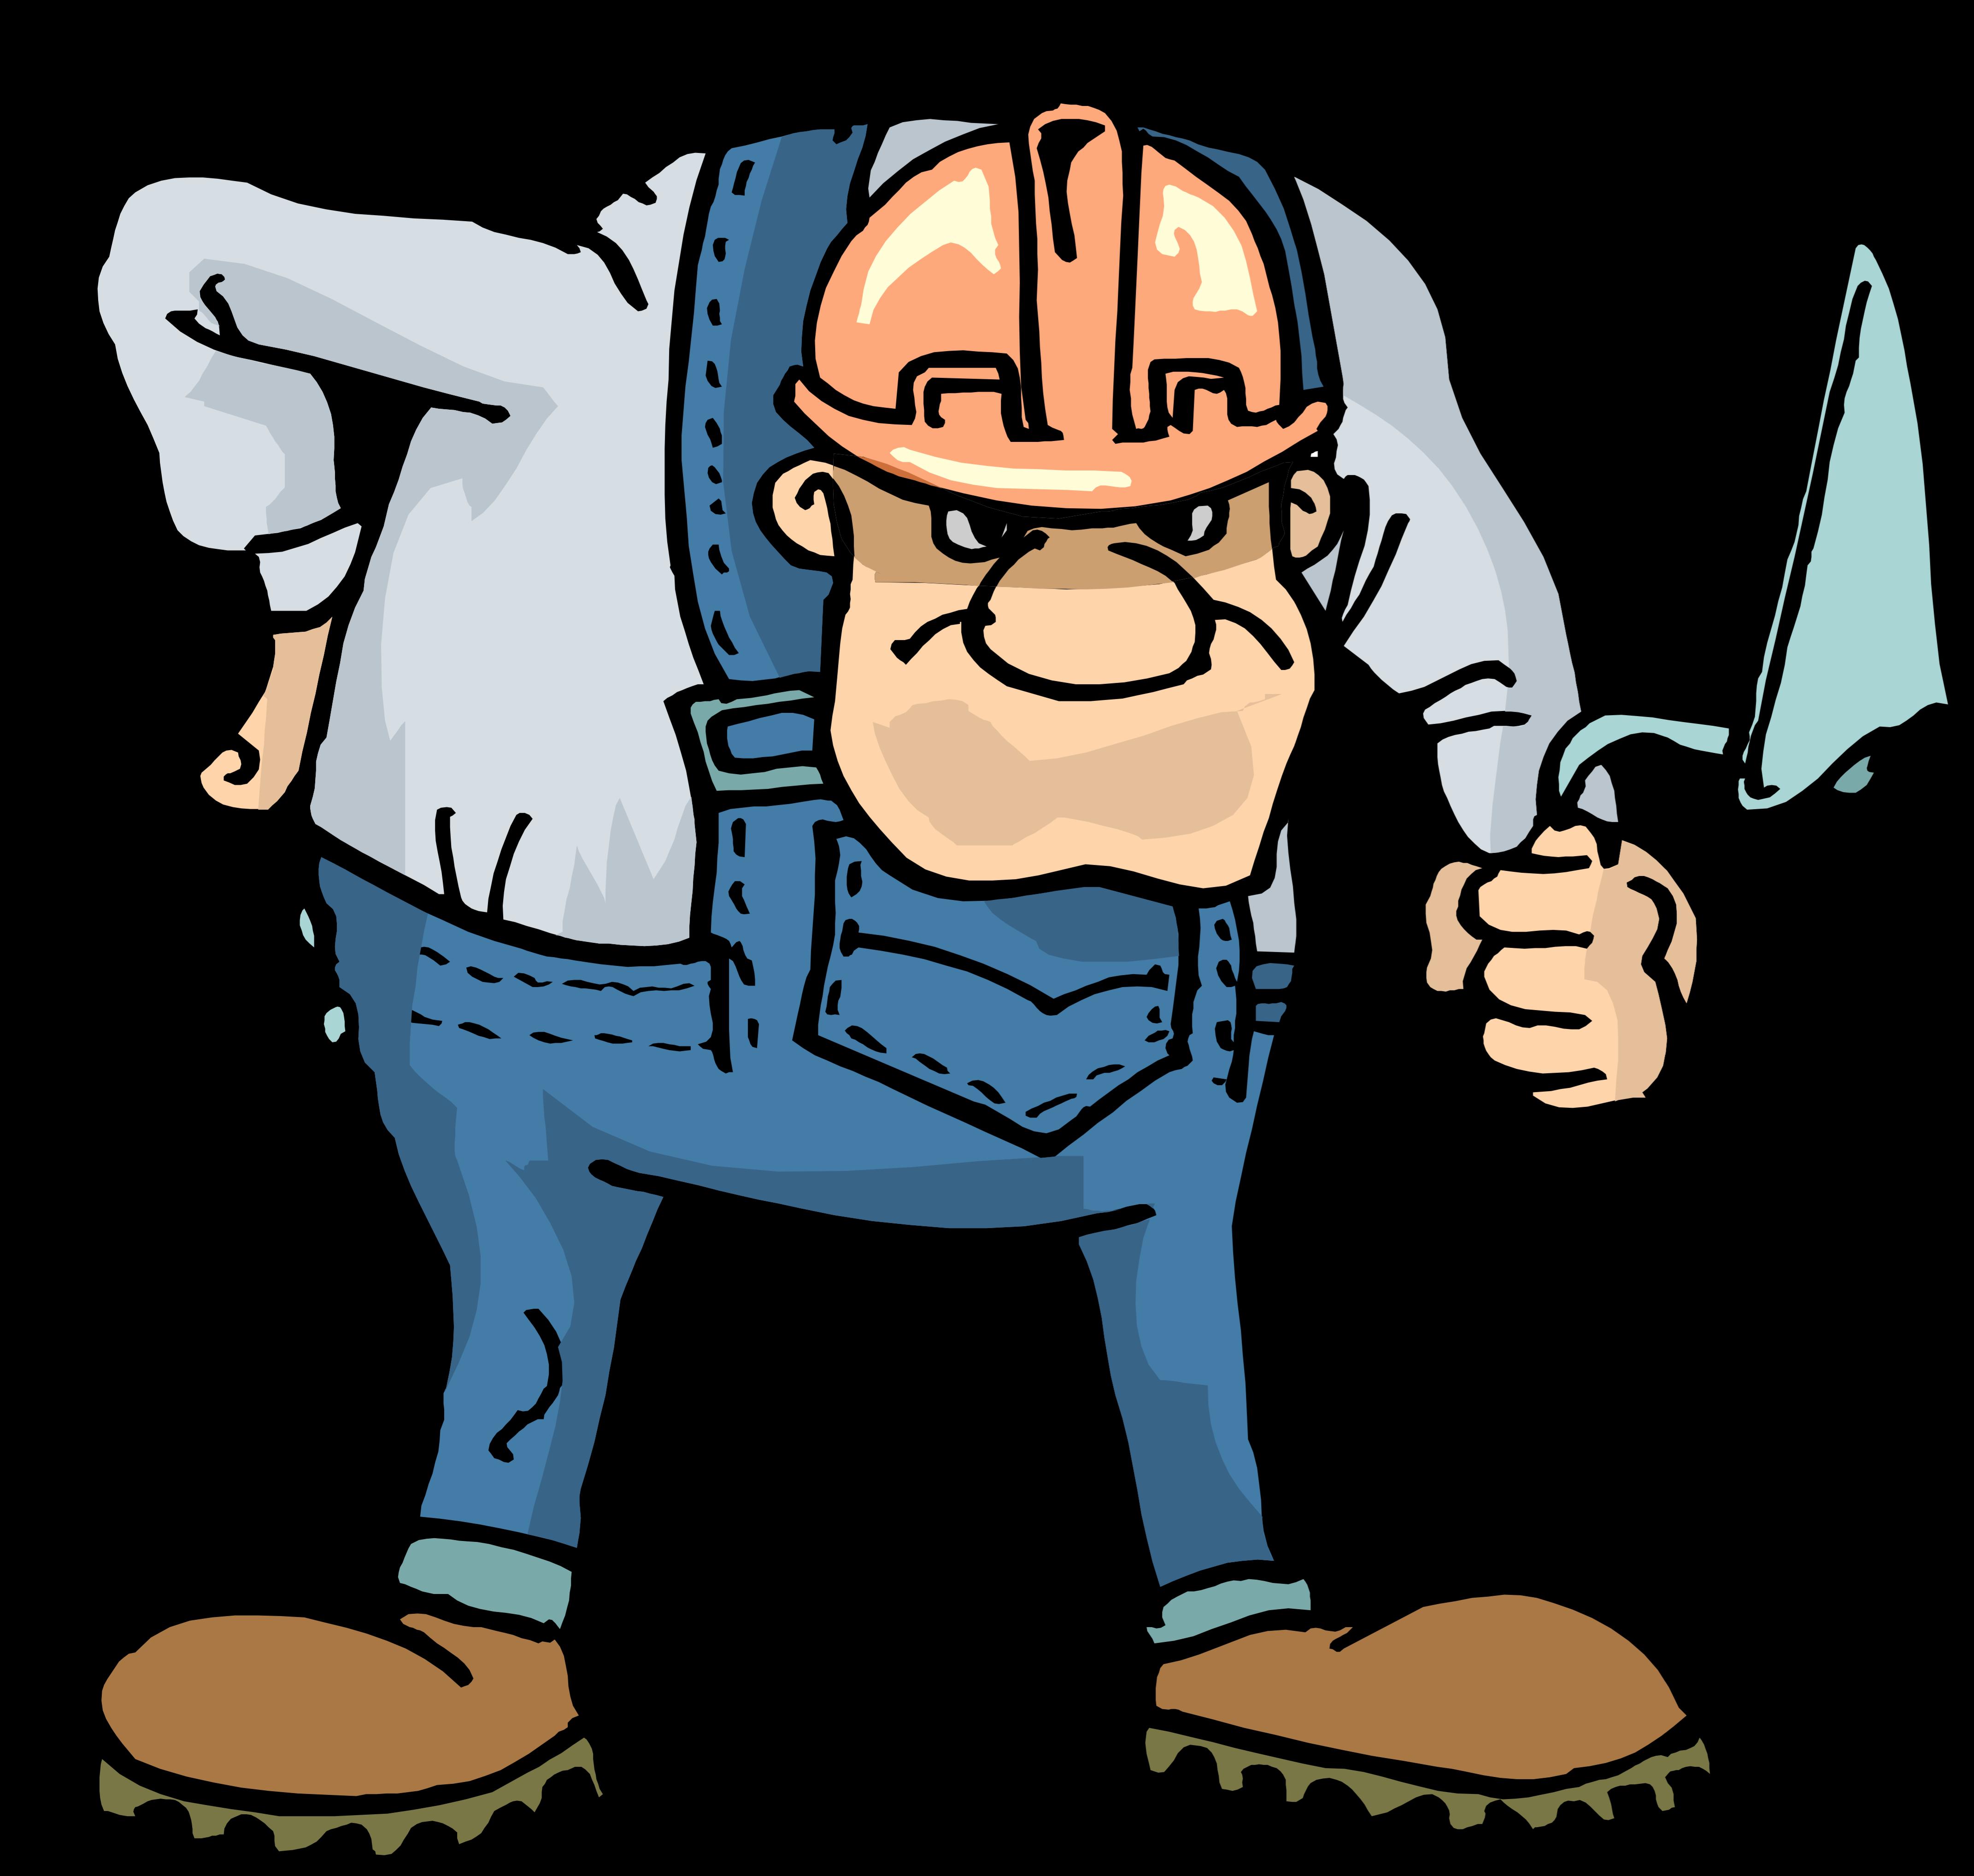 Уход пенсию, картинки строитель смешные